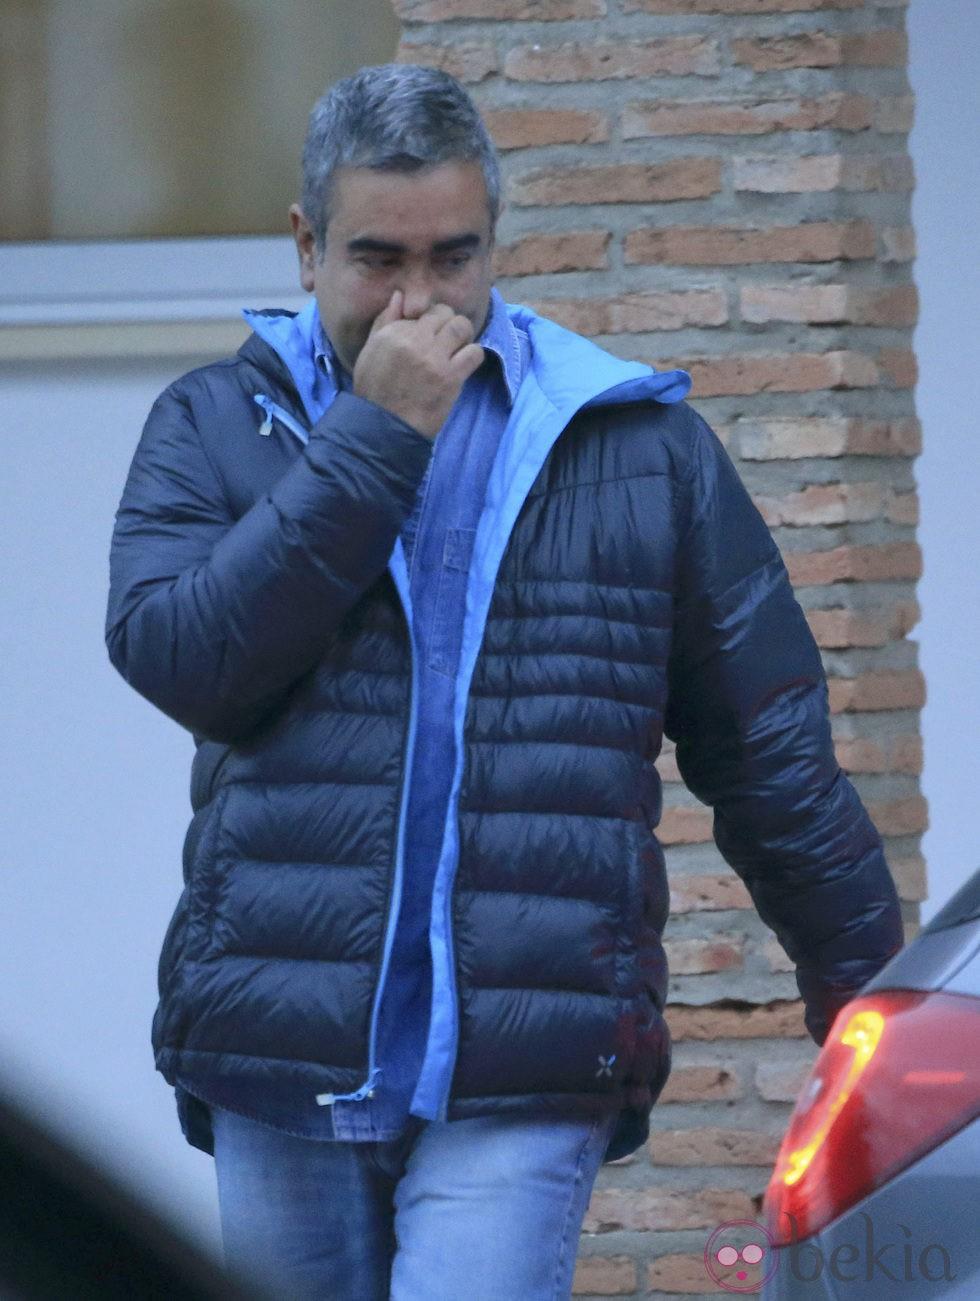 Agustín Pantoja tras la entrada en la cárcel de Alcalá de Guadaíra de Isabel Pantoja